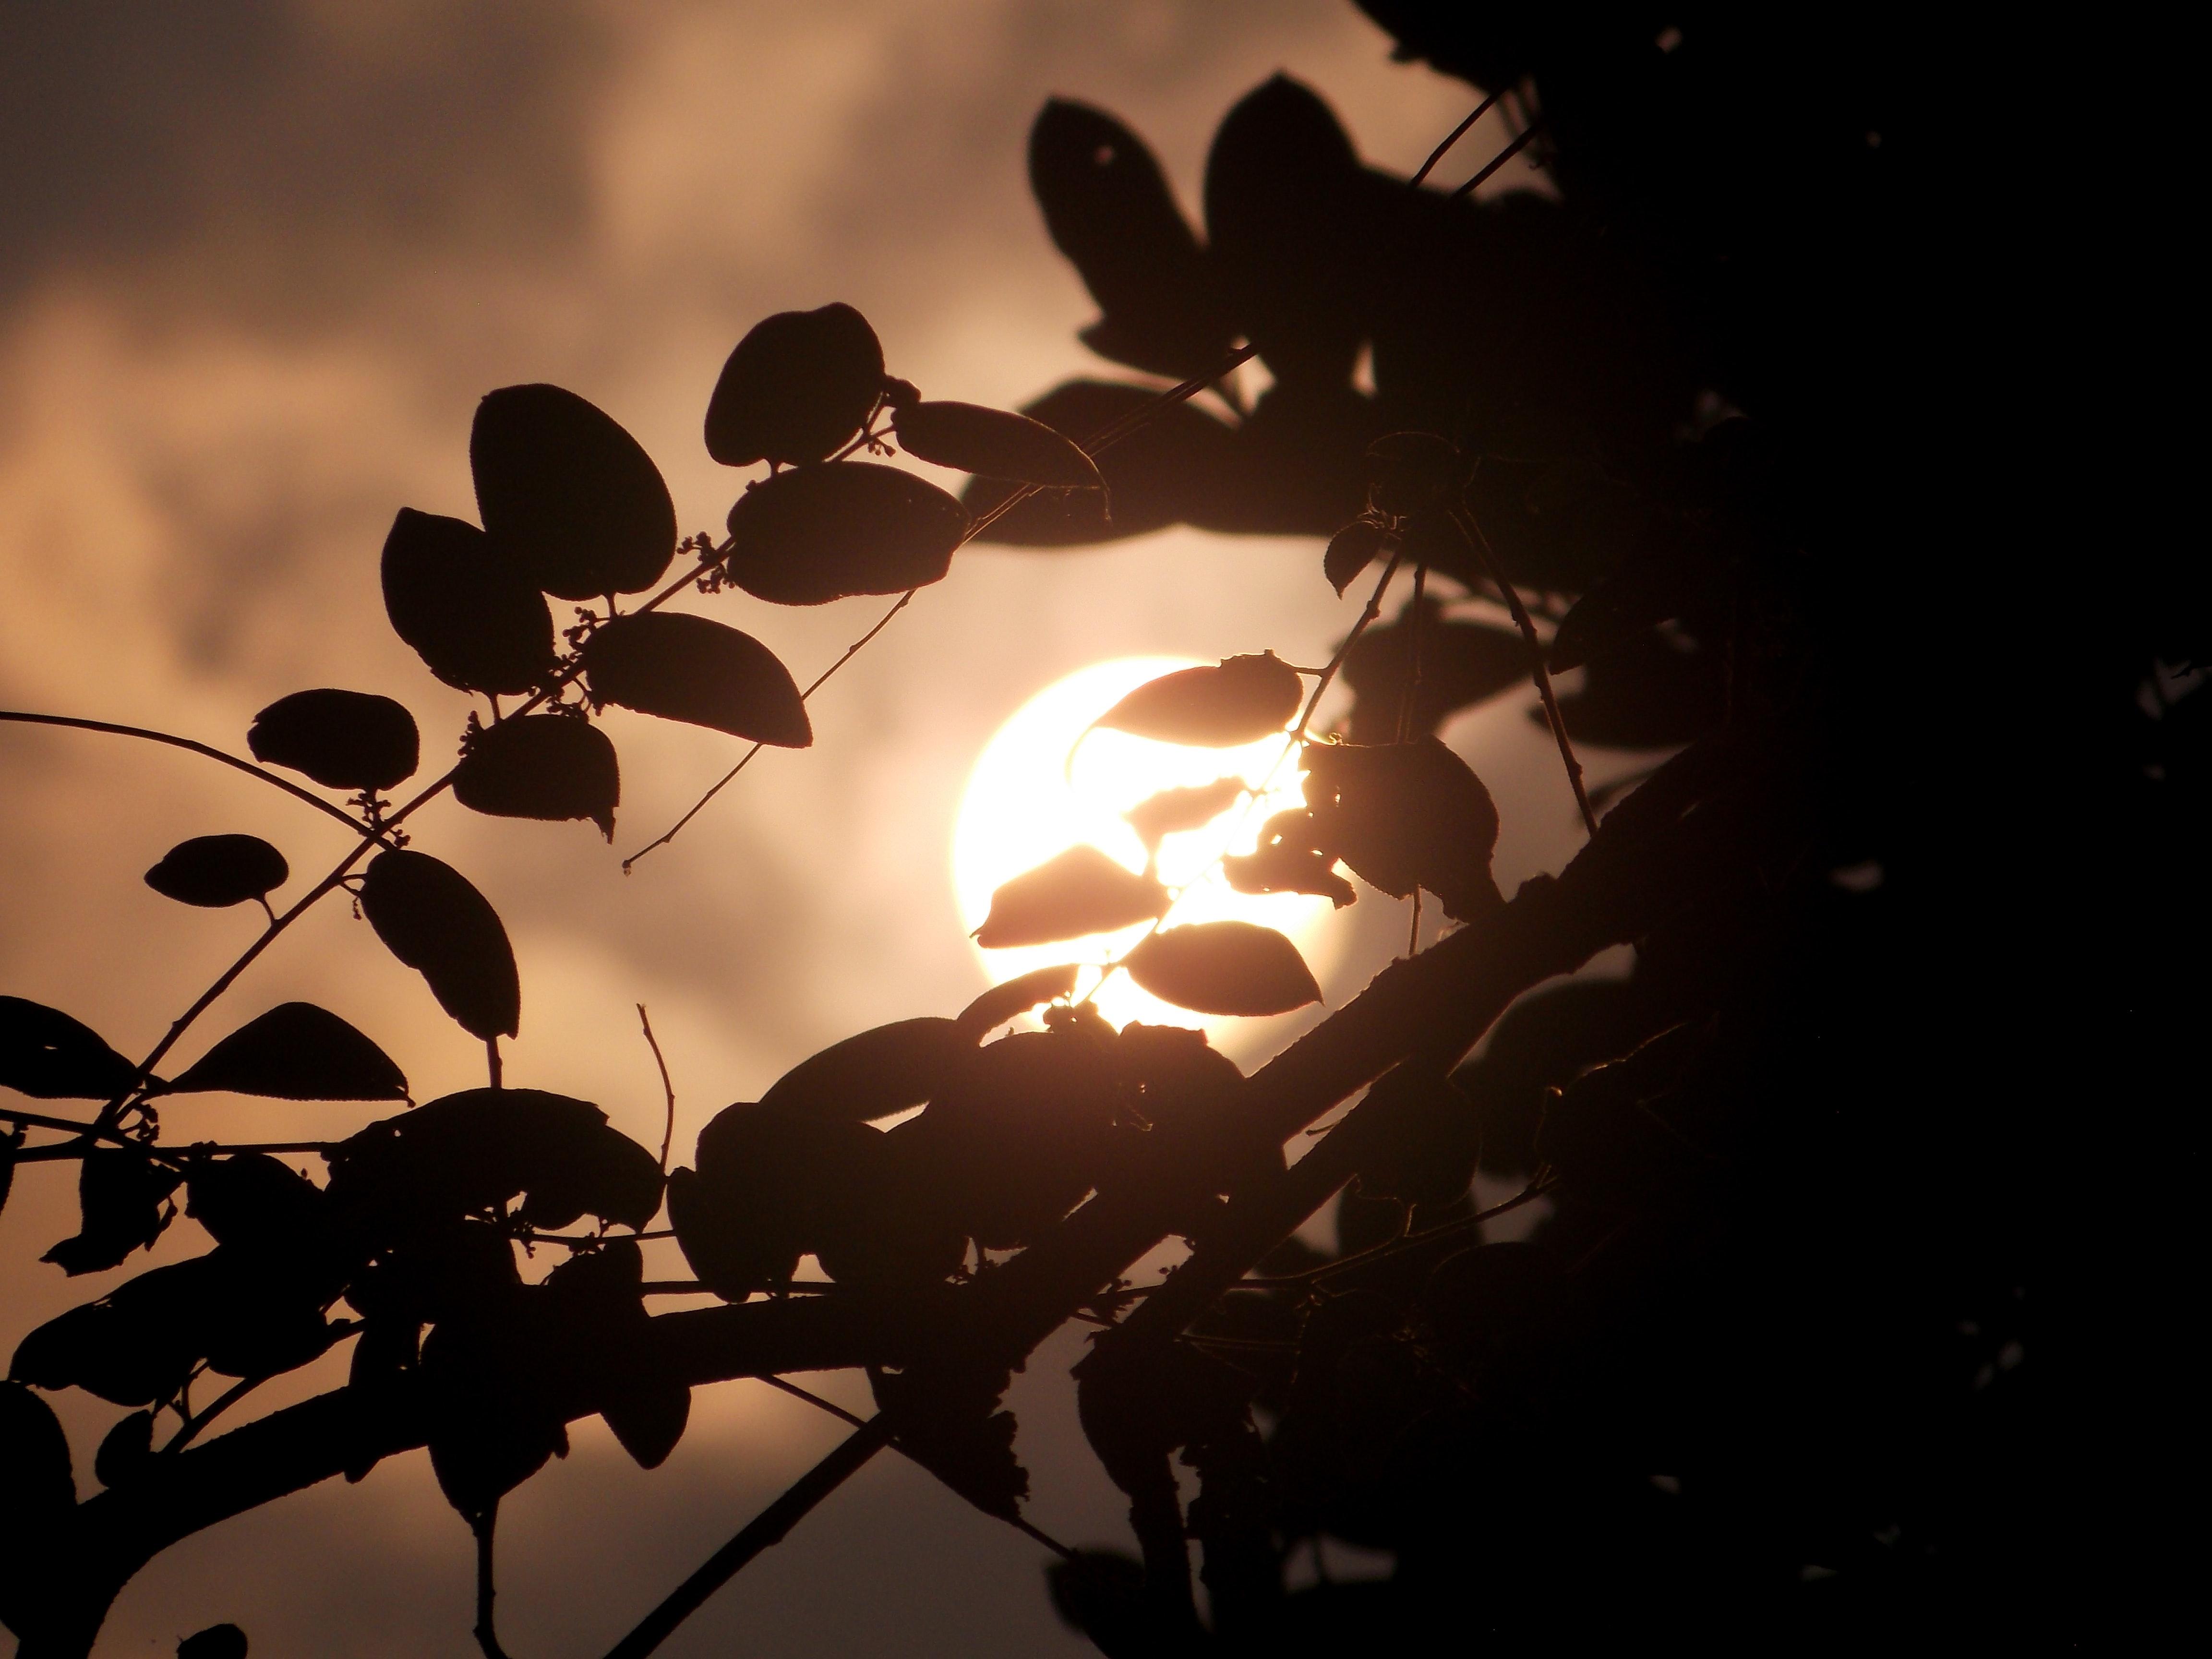 Free stock photo of golden sun, leafs, sun light